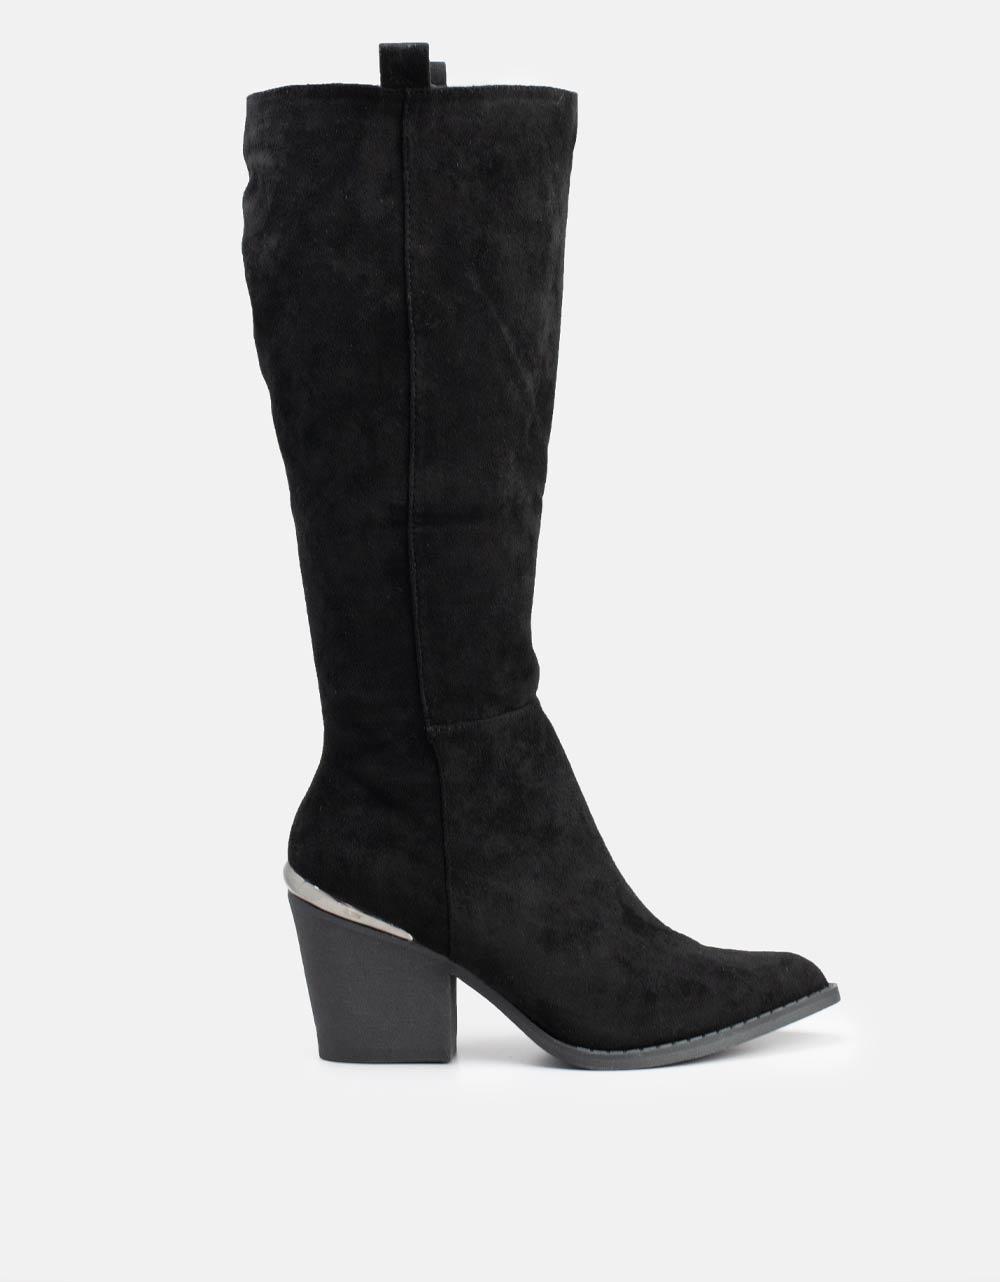 Εικόνα από Γυναικείες μπότες Suede με μεταλλική λεπτομέρεια Μαύρο